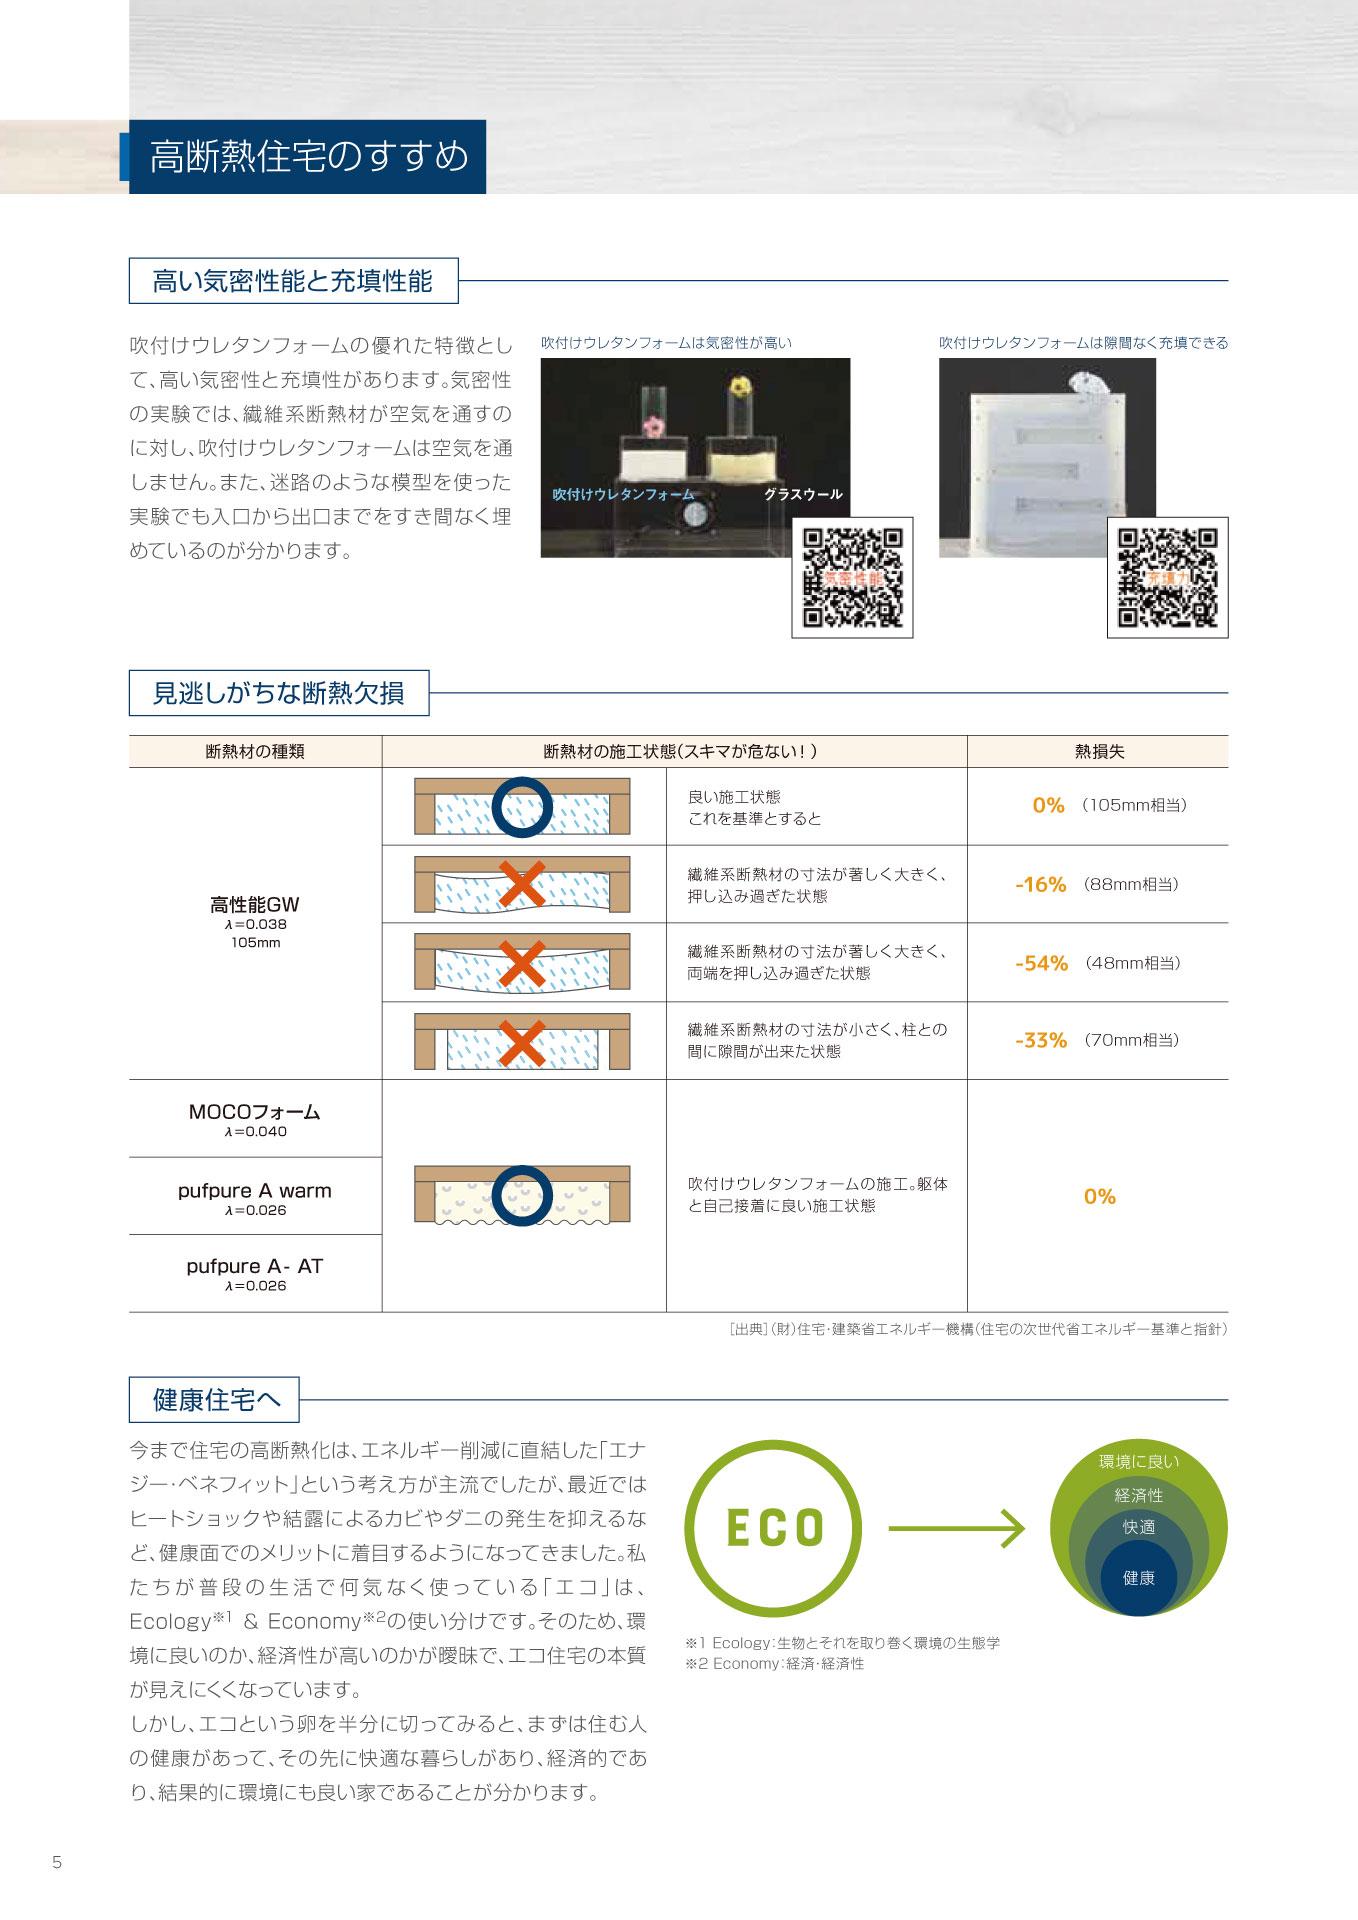 木造住宅用総合カタログP5